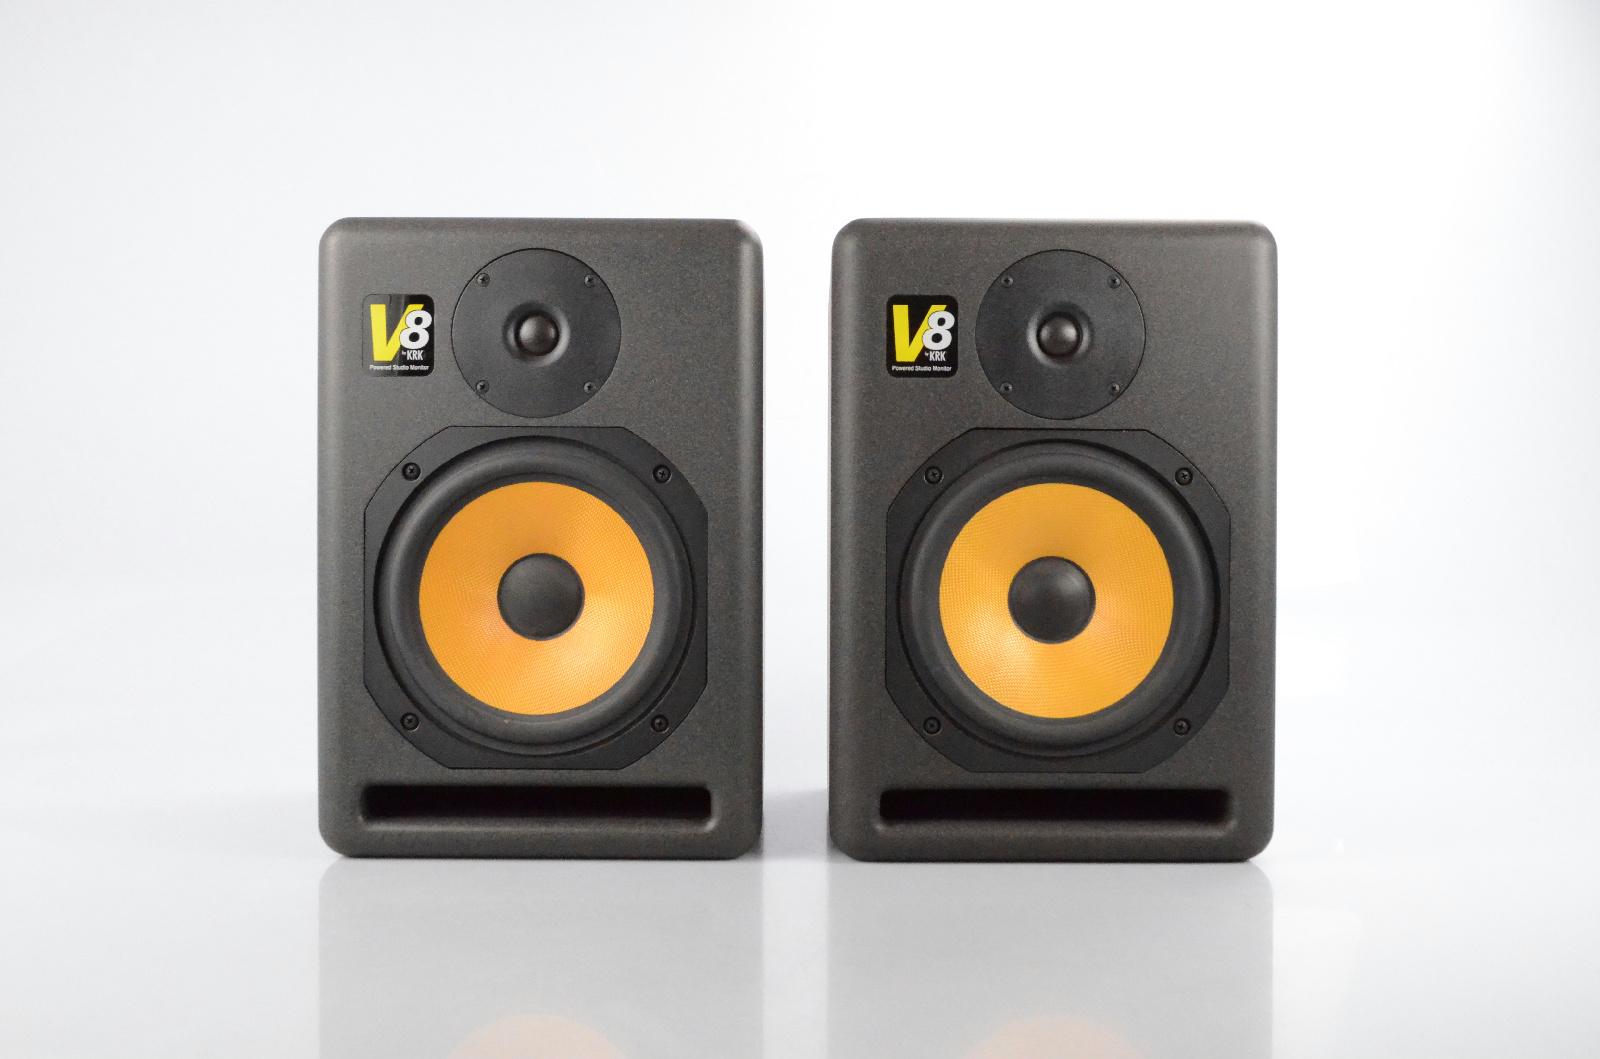 """2 KRK V8 V Series Powered 2-Way 8"""" Woofer Studio Monitors Active Speakers #32697"""